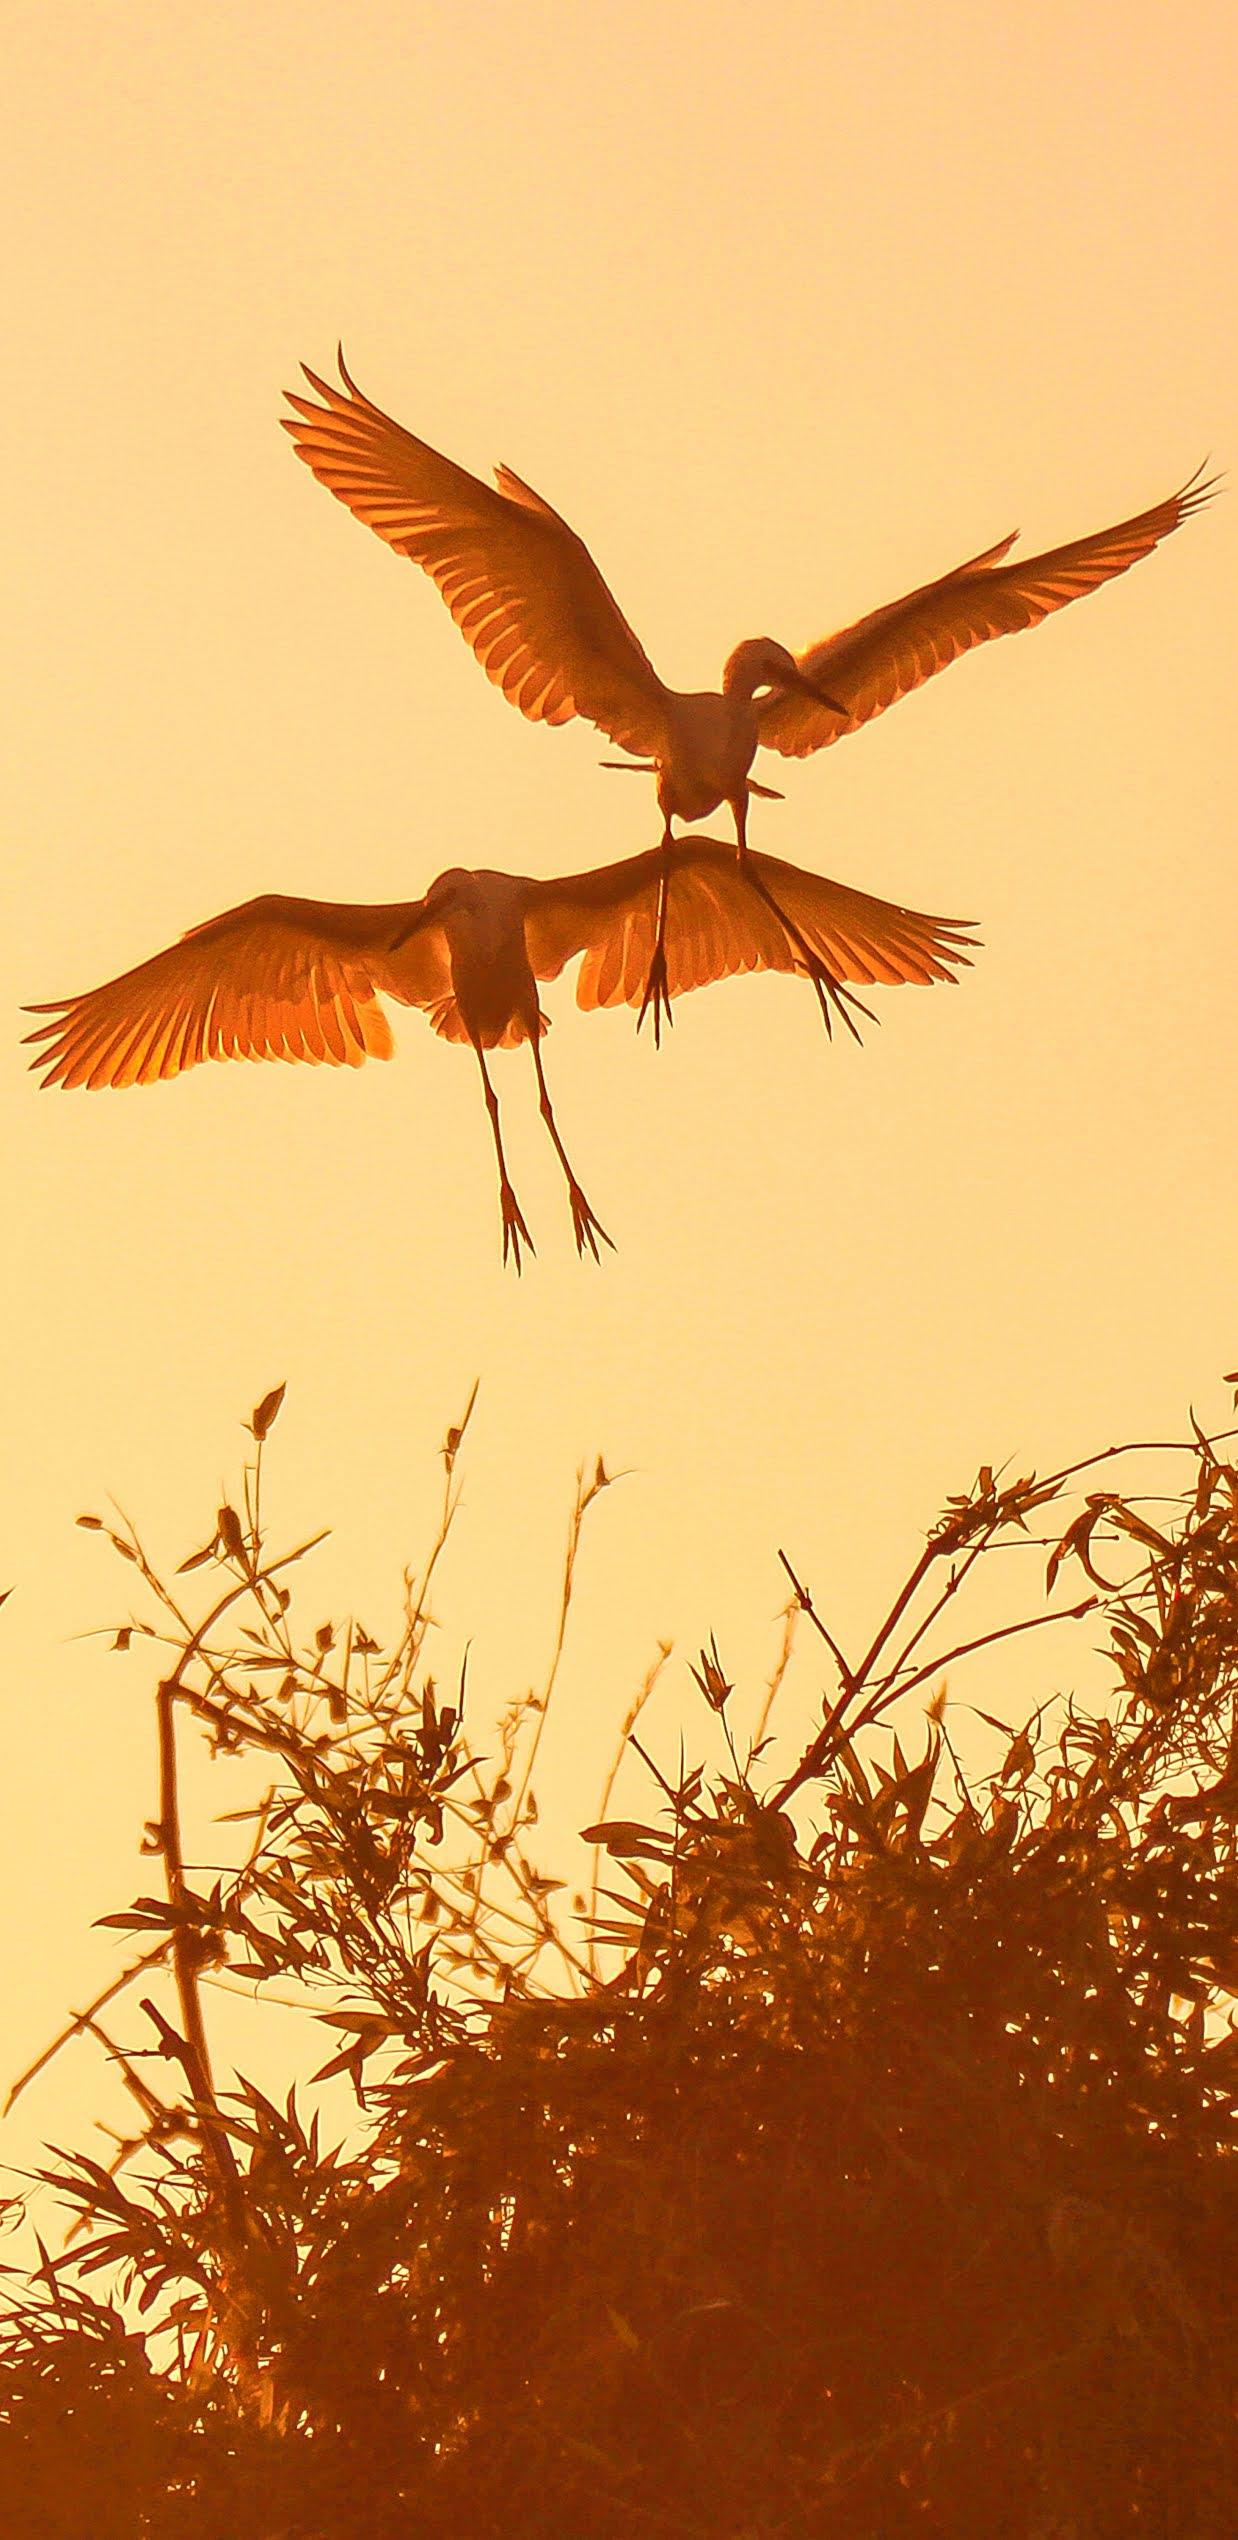 Amazing photo of storks at sunset.